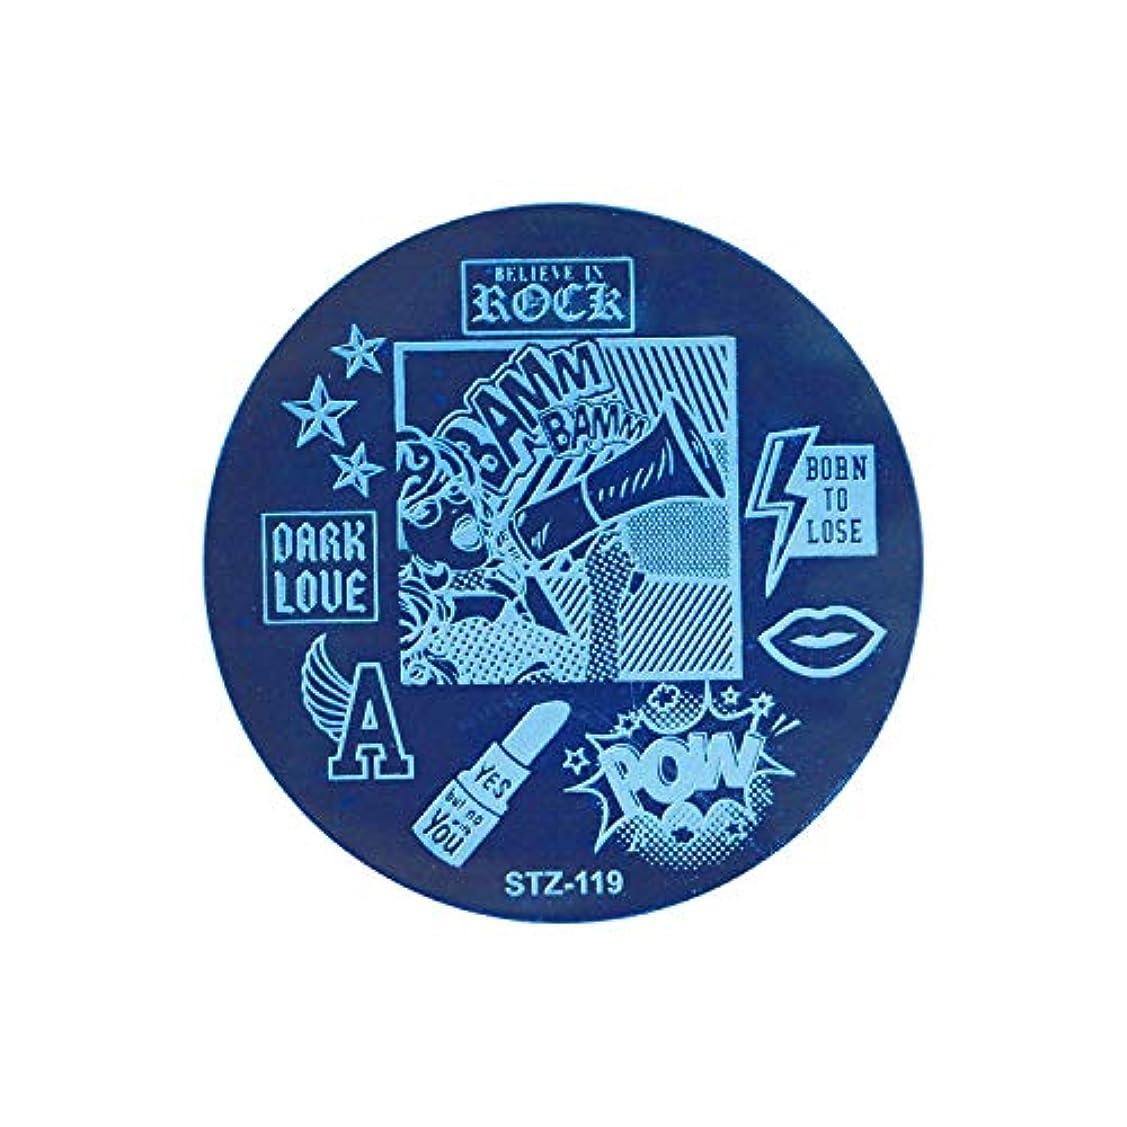 保証金サーバント経験者1ピースラウンドネイルスタンピングテンプレートプレートドリームキャッチャー花レース画像ポーランド転送diyツール用ネイルアート,119